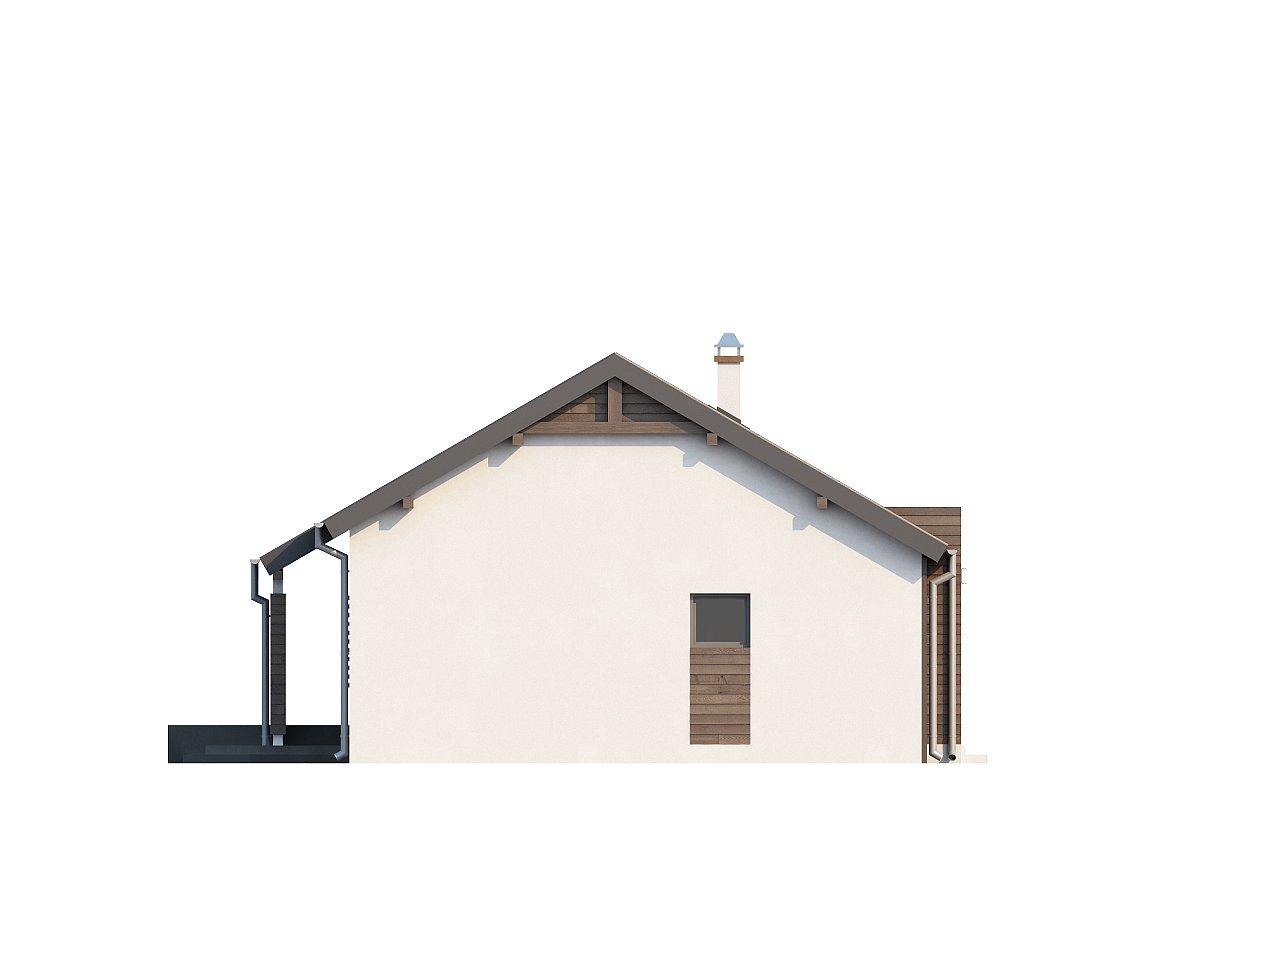 Функциональный одноэтажный дом с современными элементами отделки фасадов. - фото 23